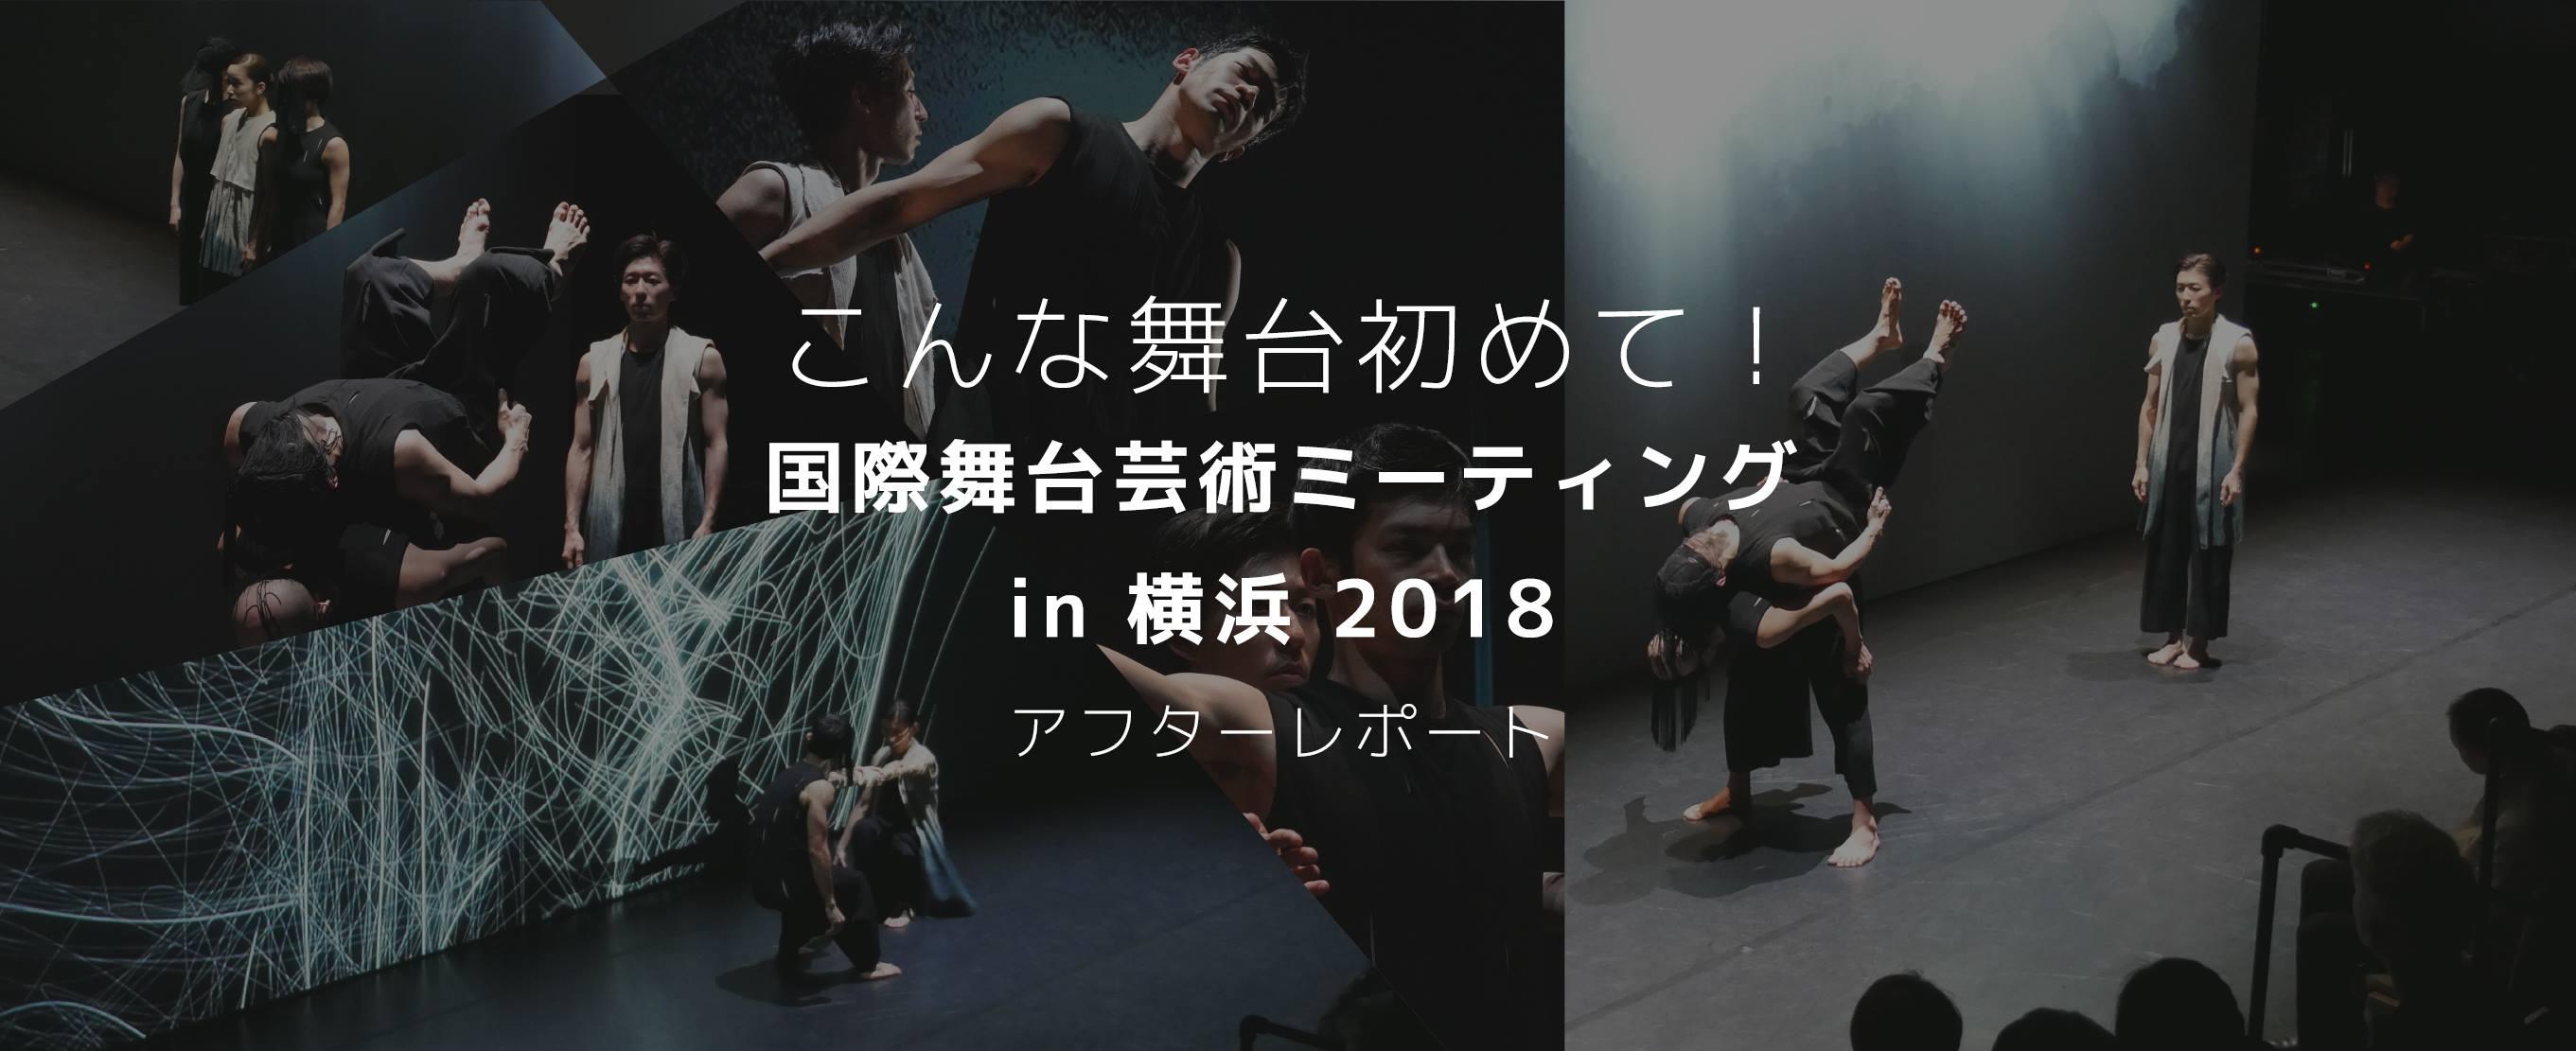 こんな舞台初めて!『国際舞台芸術ミーティング in 横浜 2018』アフターレポート